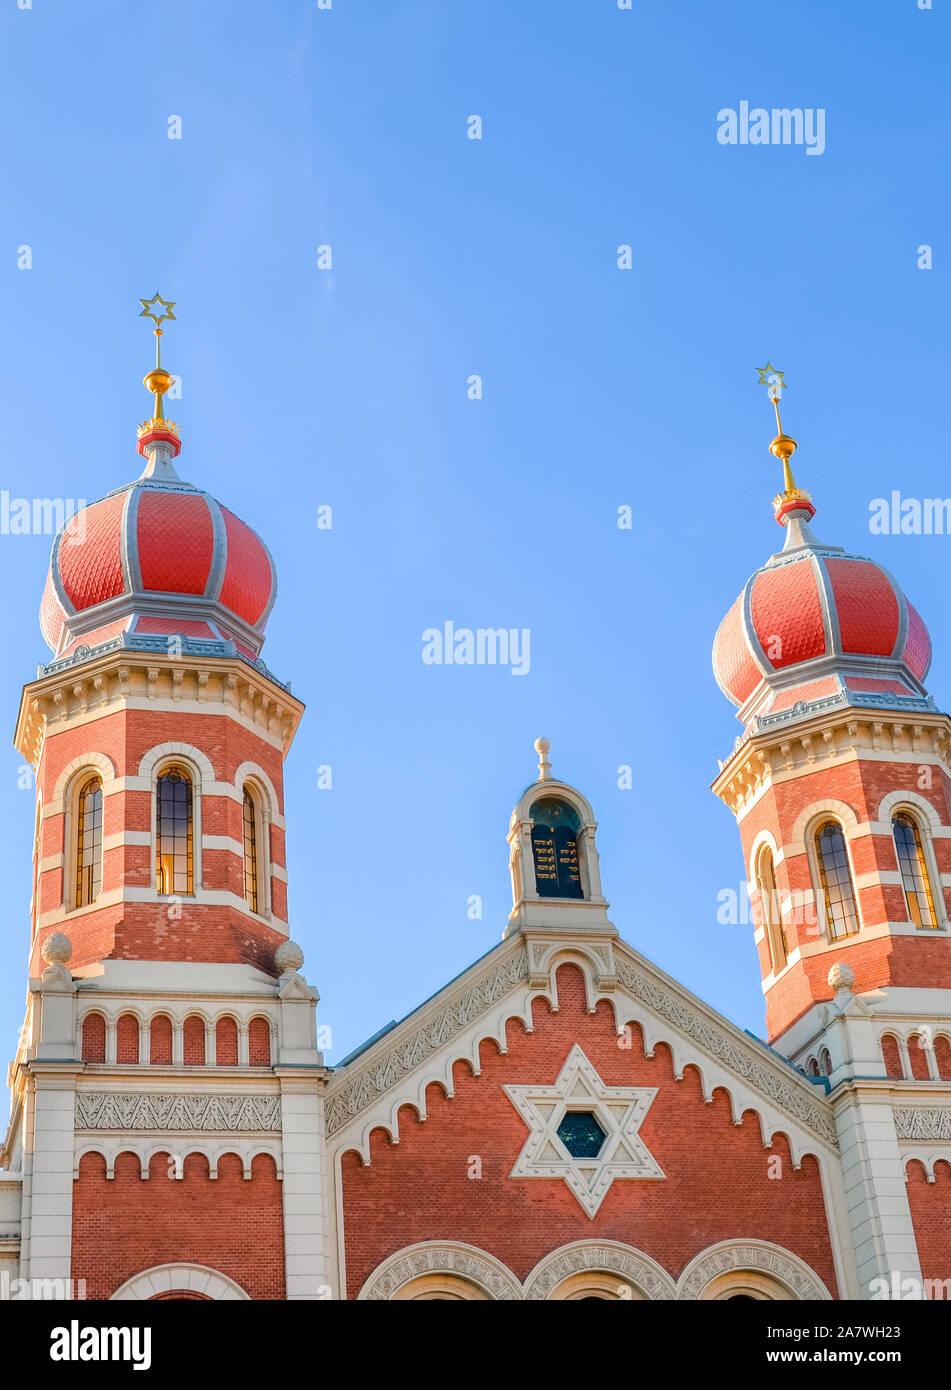 Foto vertical de la Gran Sinagoga de Plzen, República Checa. La segunda sinagoga más grande de Europa. Detalle de la fachada del edificio religioso judío con dos cúpulas en forma de cebolla. Atracciones turísticas. Foto de stock